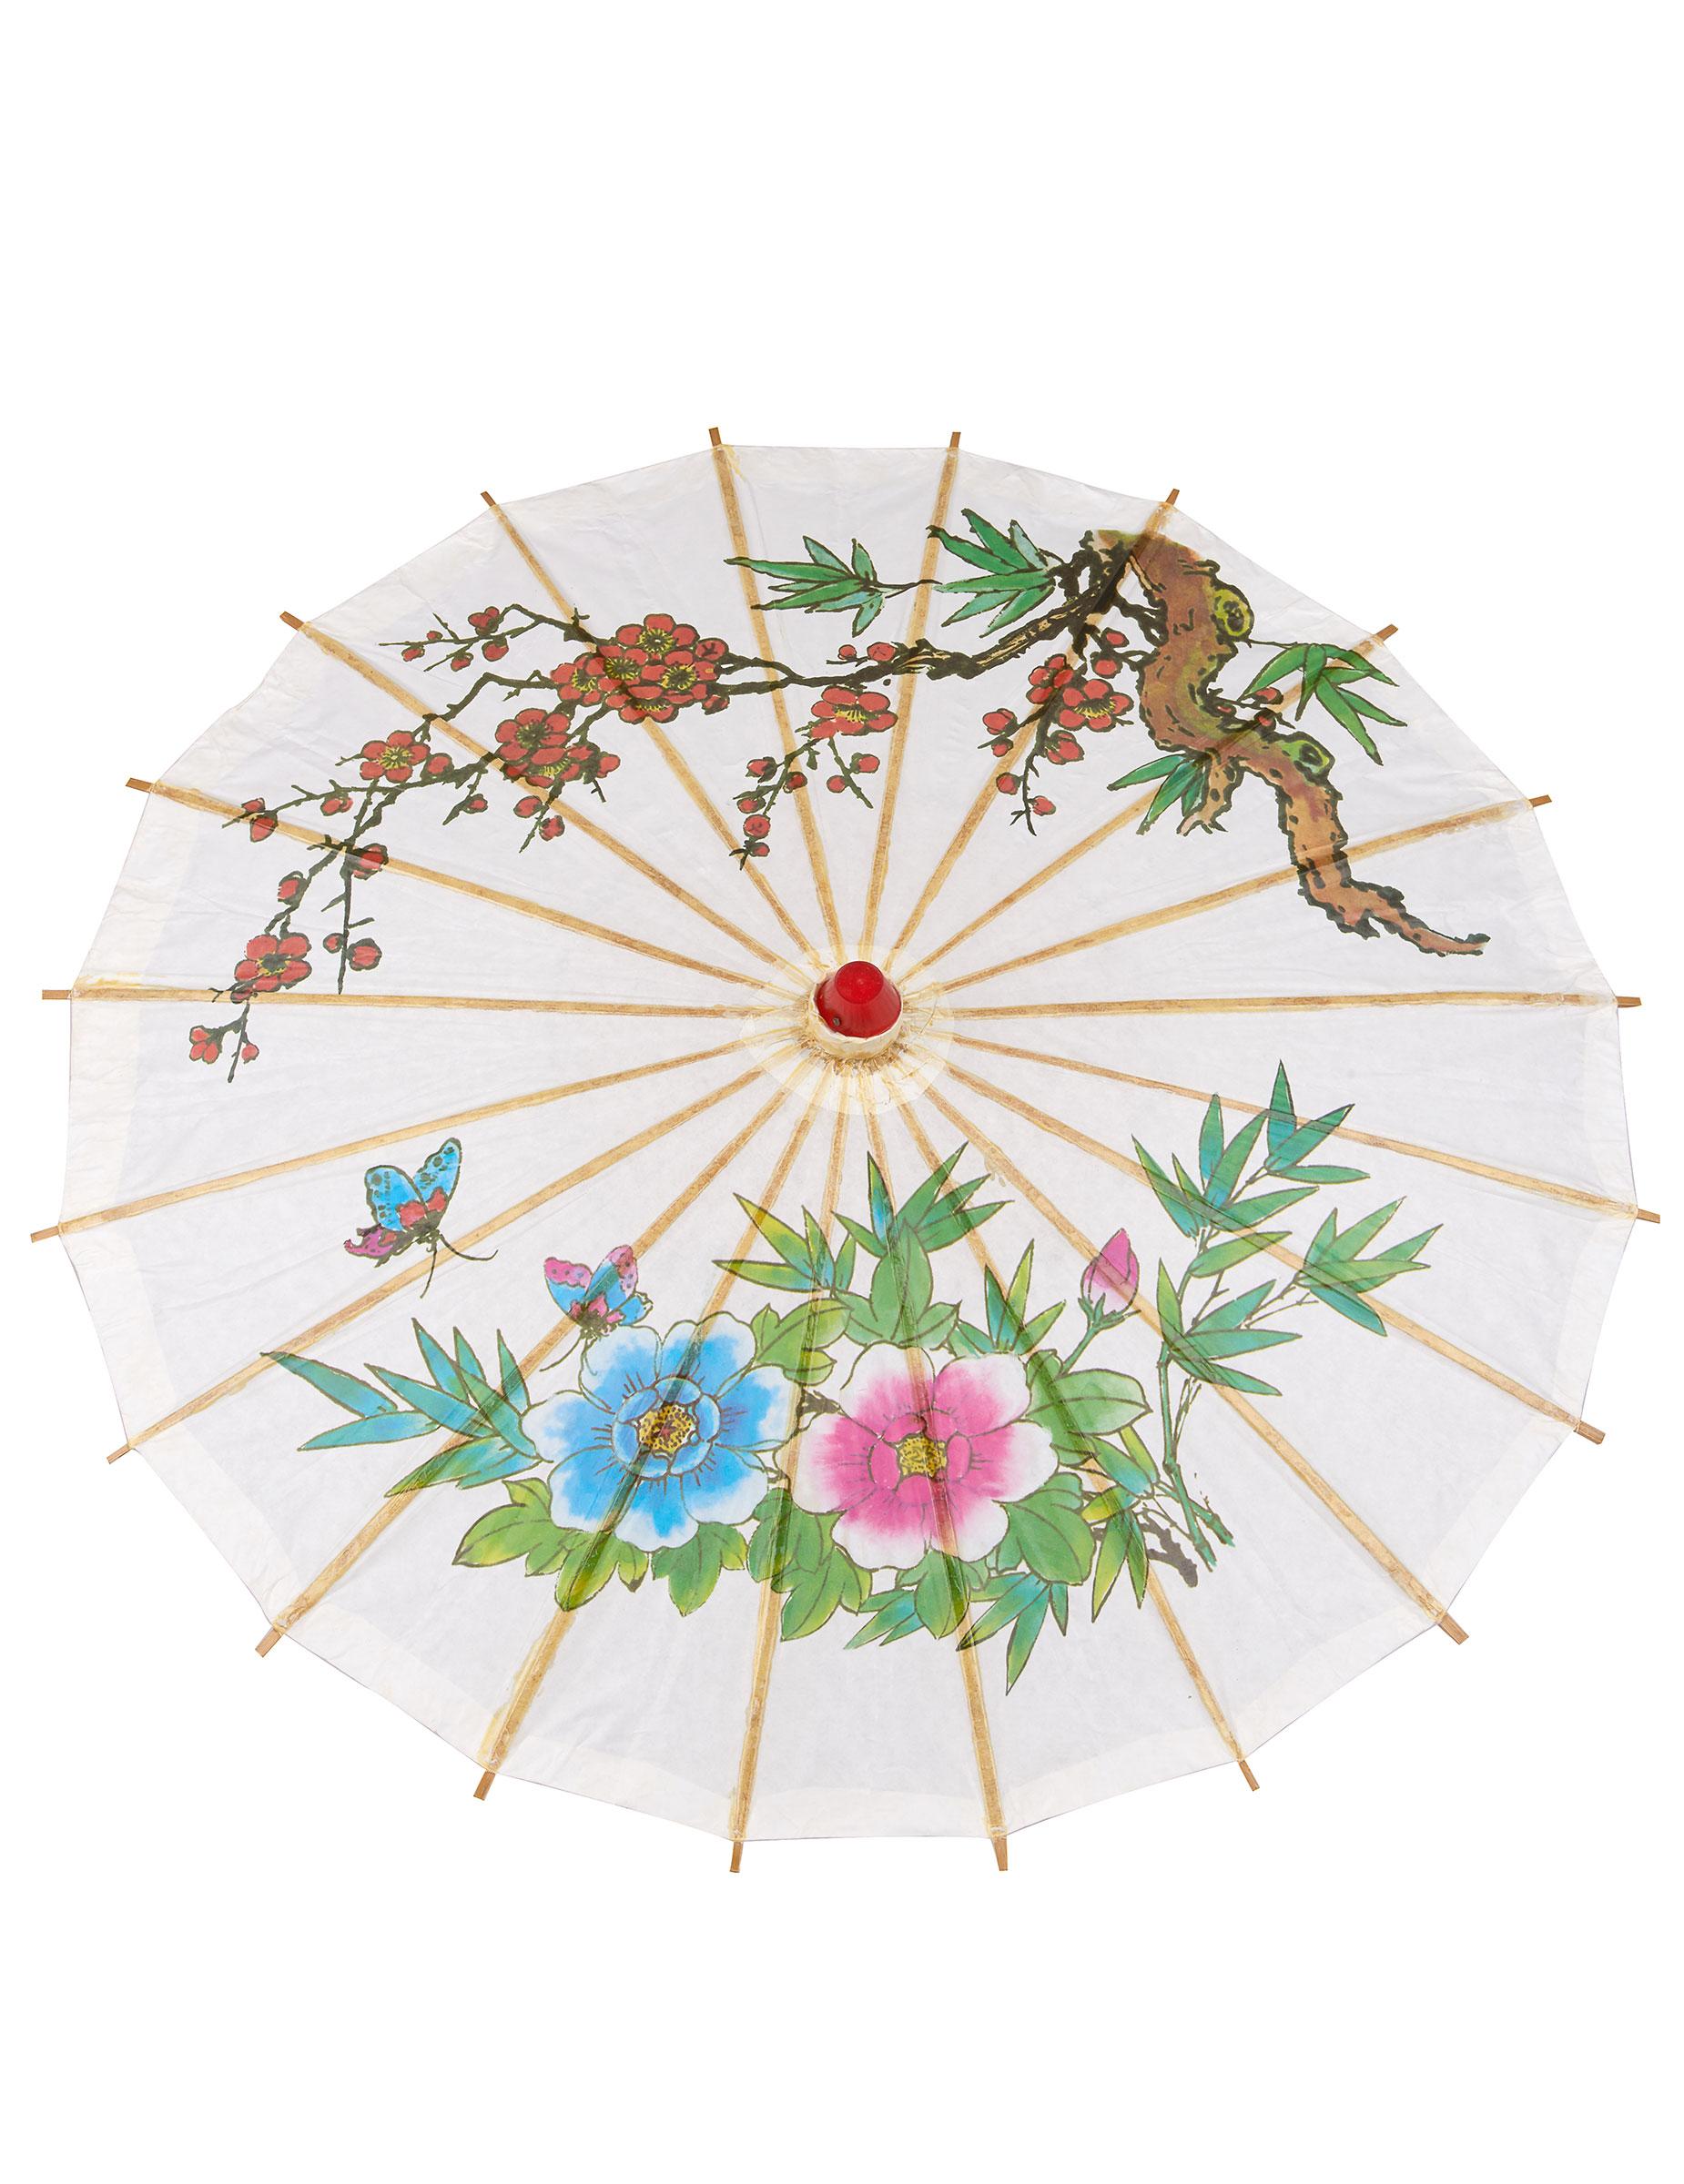 Asiatischer Sonnenschirm asiatischer sonnenschirm kostümzubehör bunt 60 cm günstige